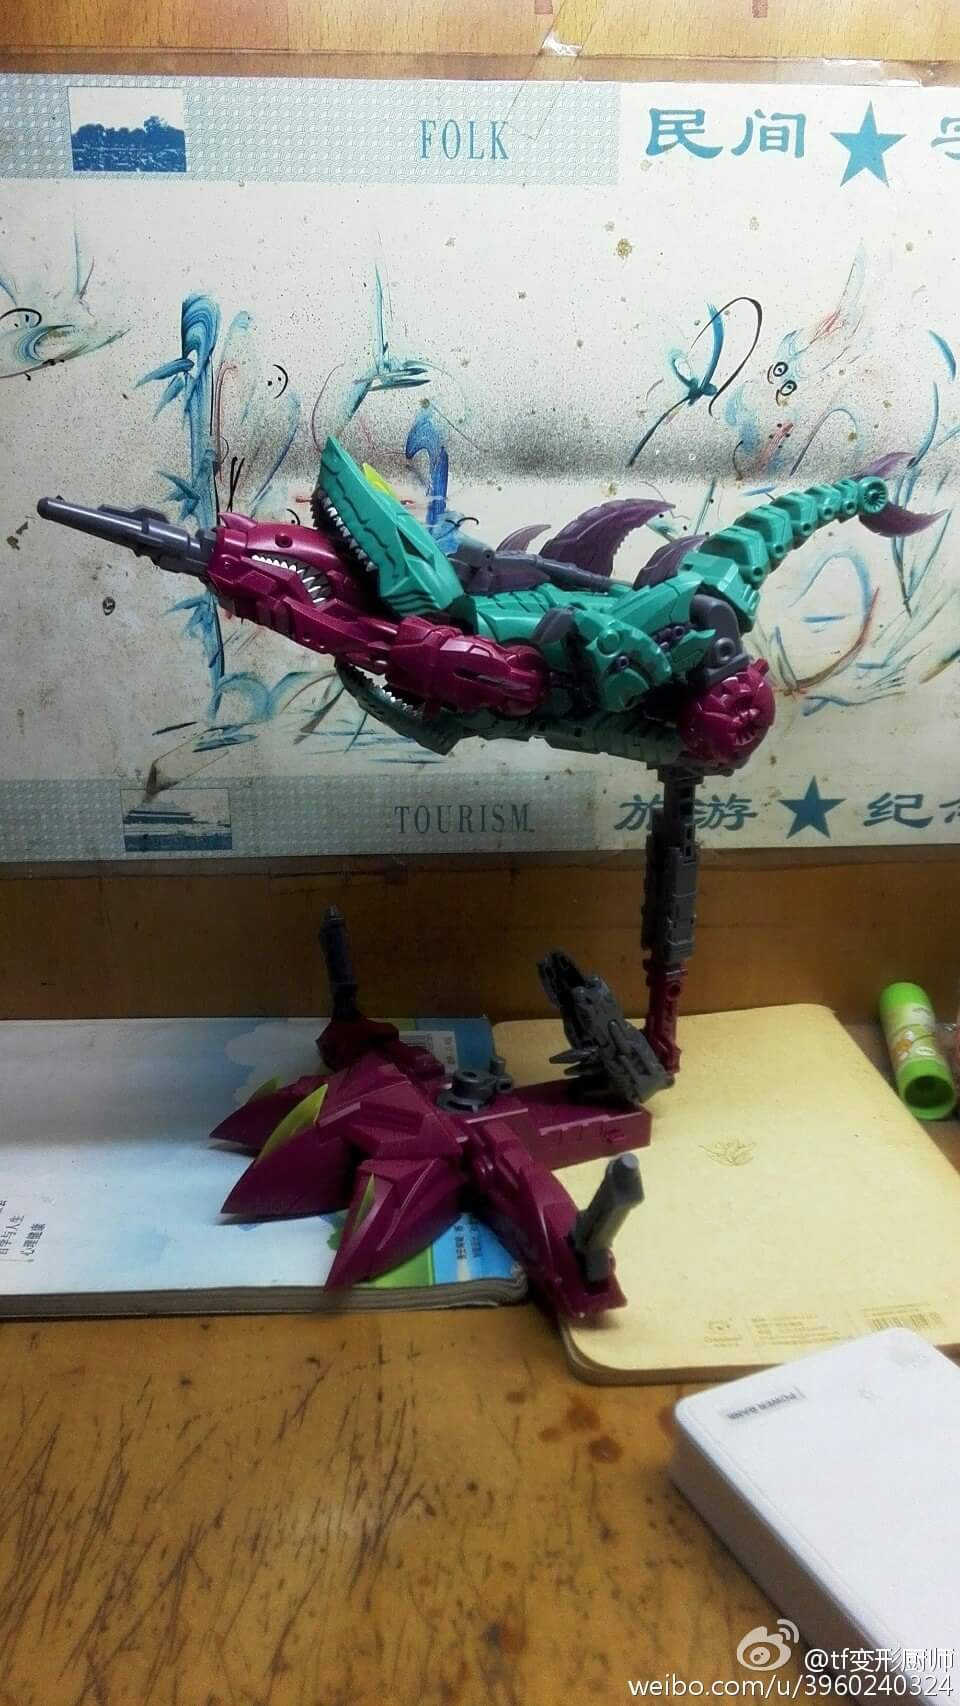 [TFC Toys] Produit Tiers - Jouet Poseidon - aka Piranacon/King Poseidon (TF Masterforce) - Page 3 VCZiqmeW